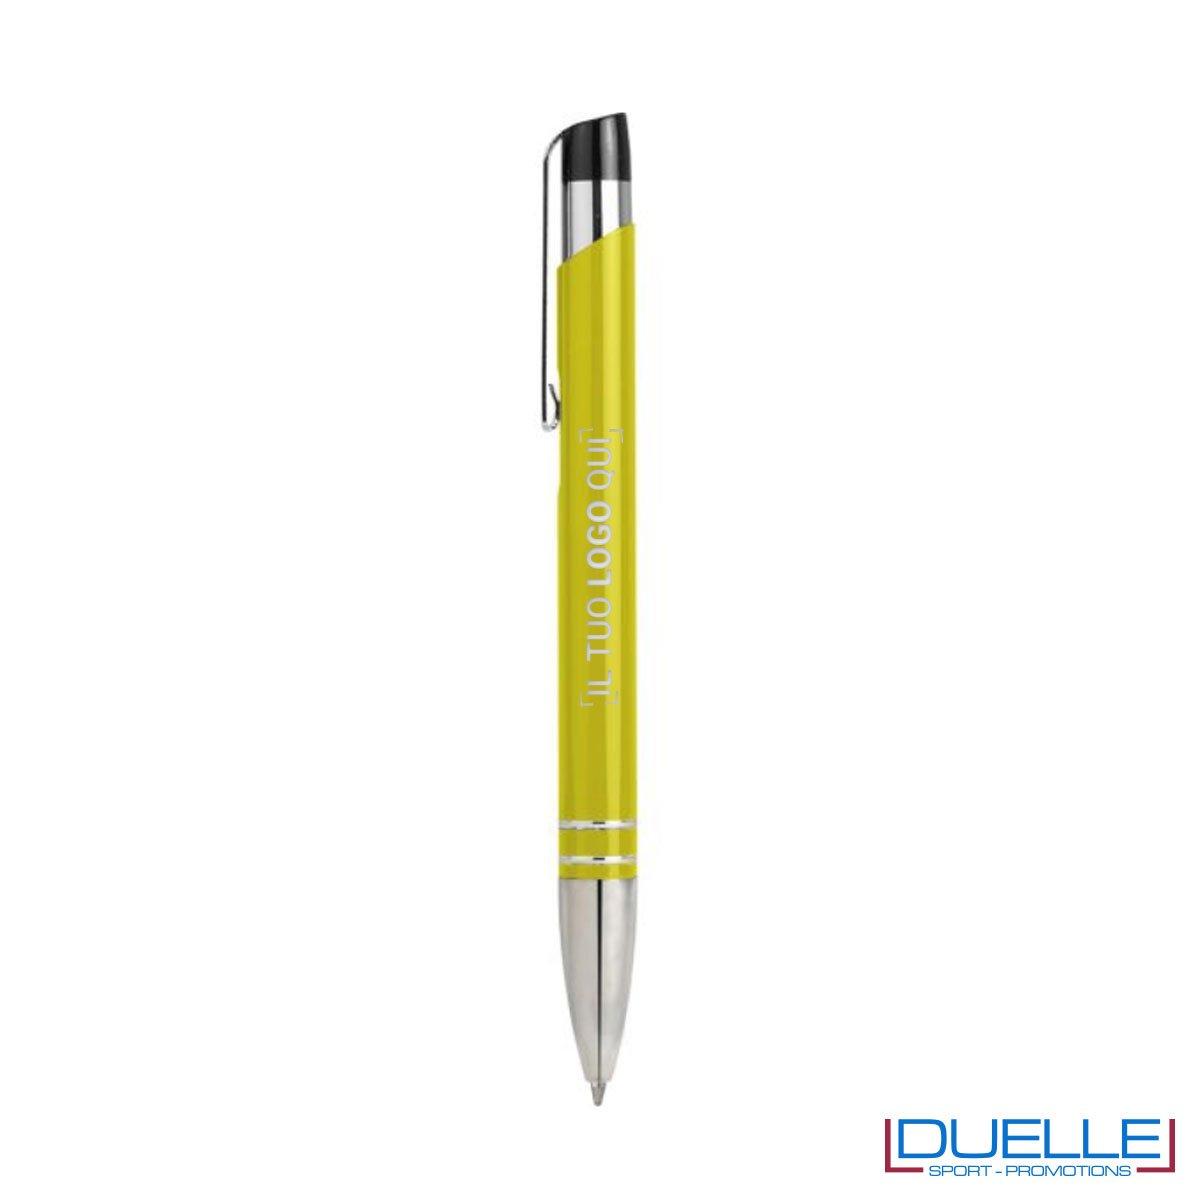 Penna a sfera con fusto in metallo adatta per la personalizzazione laser.